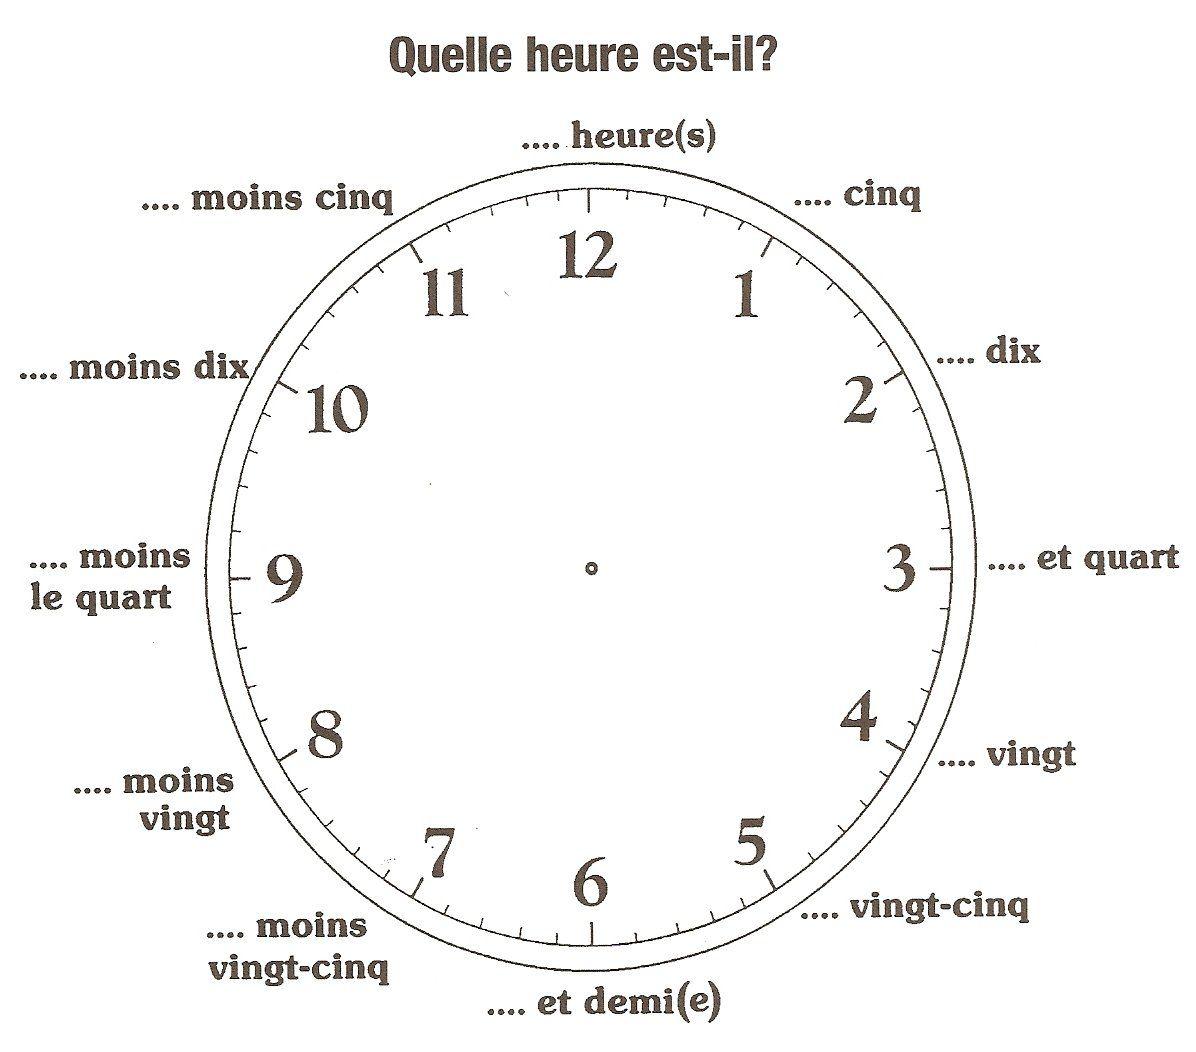 quelle heure est il apprentissage pinterest quelle heure quelle heure est il et heures. Black Bedroom Furniture Sets. Home Design Ideas